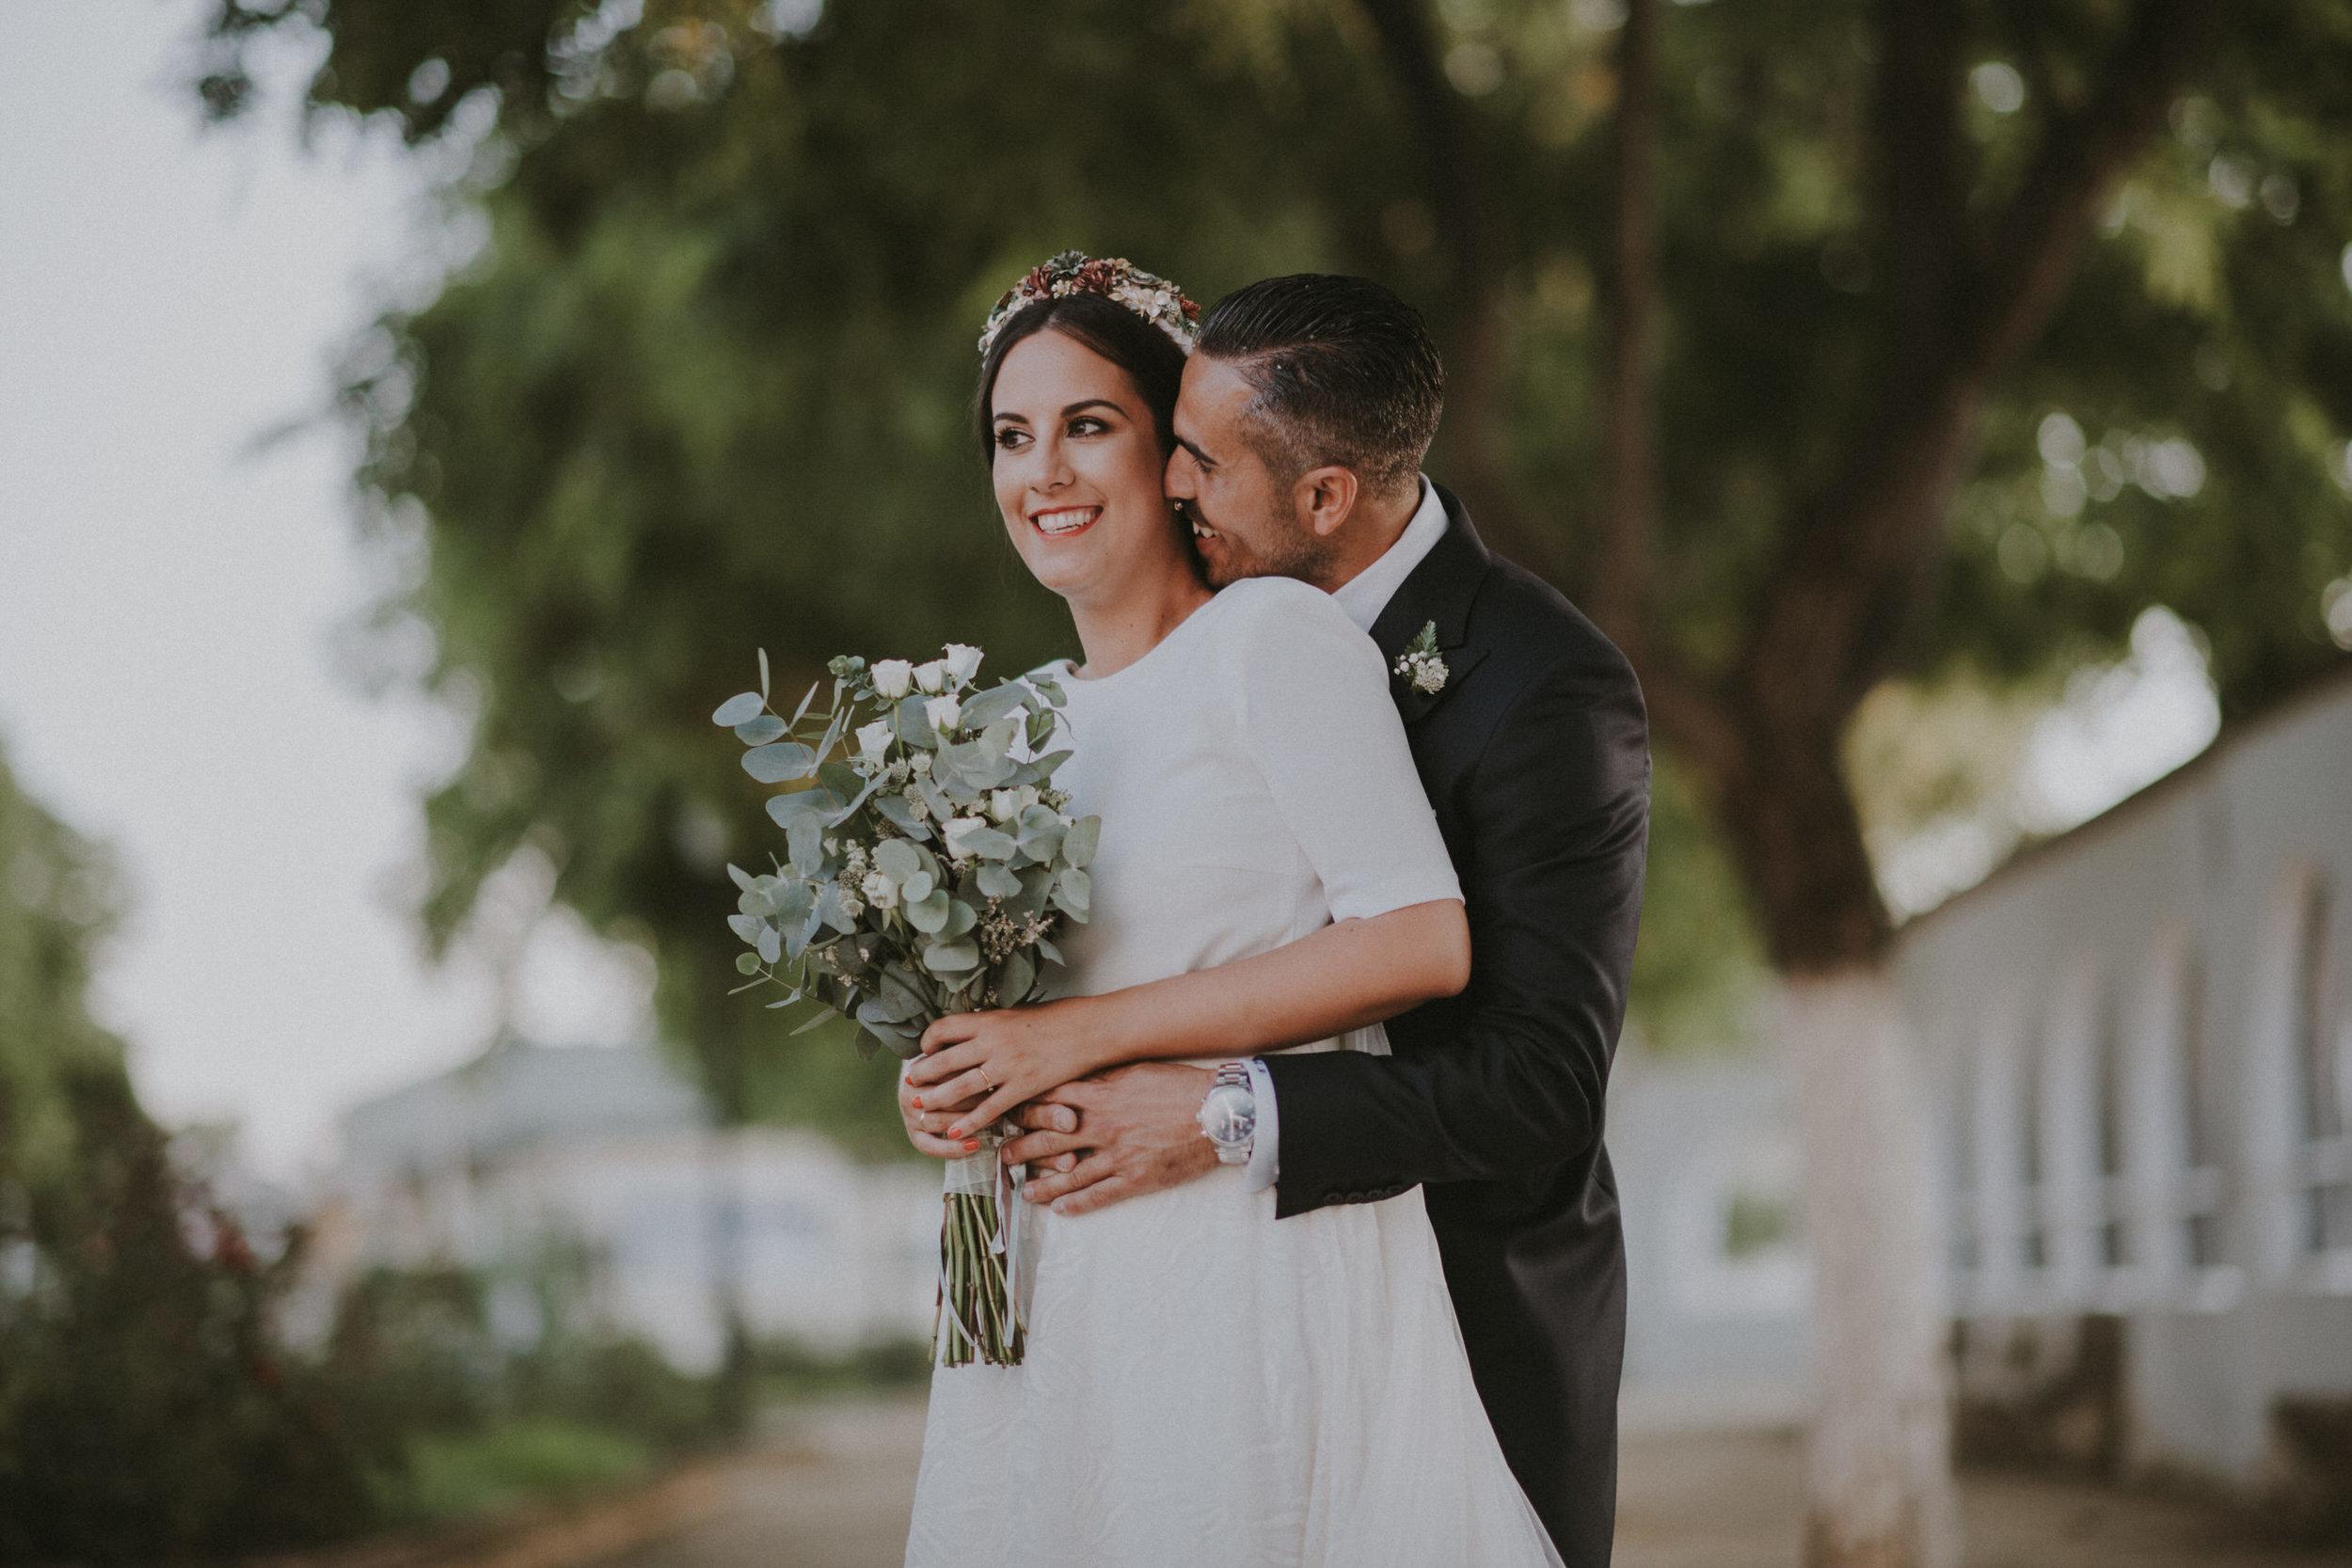 Rocío & Antonio - Boda en Consolación y Rovira Utrera - fotógrafo Andrés Amarillo  (28).JPG